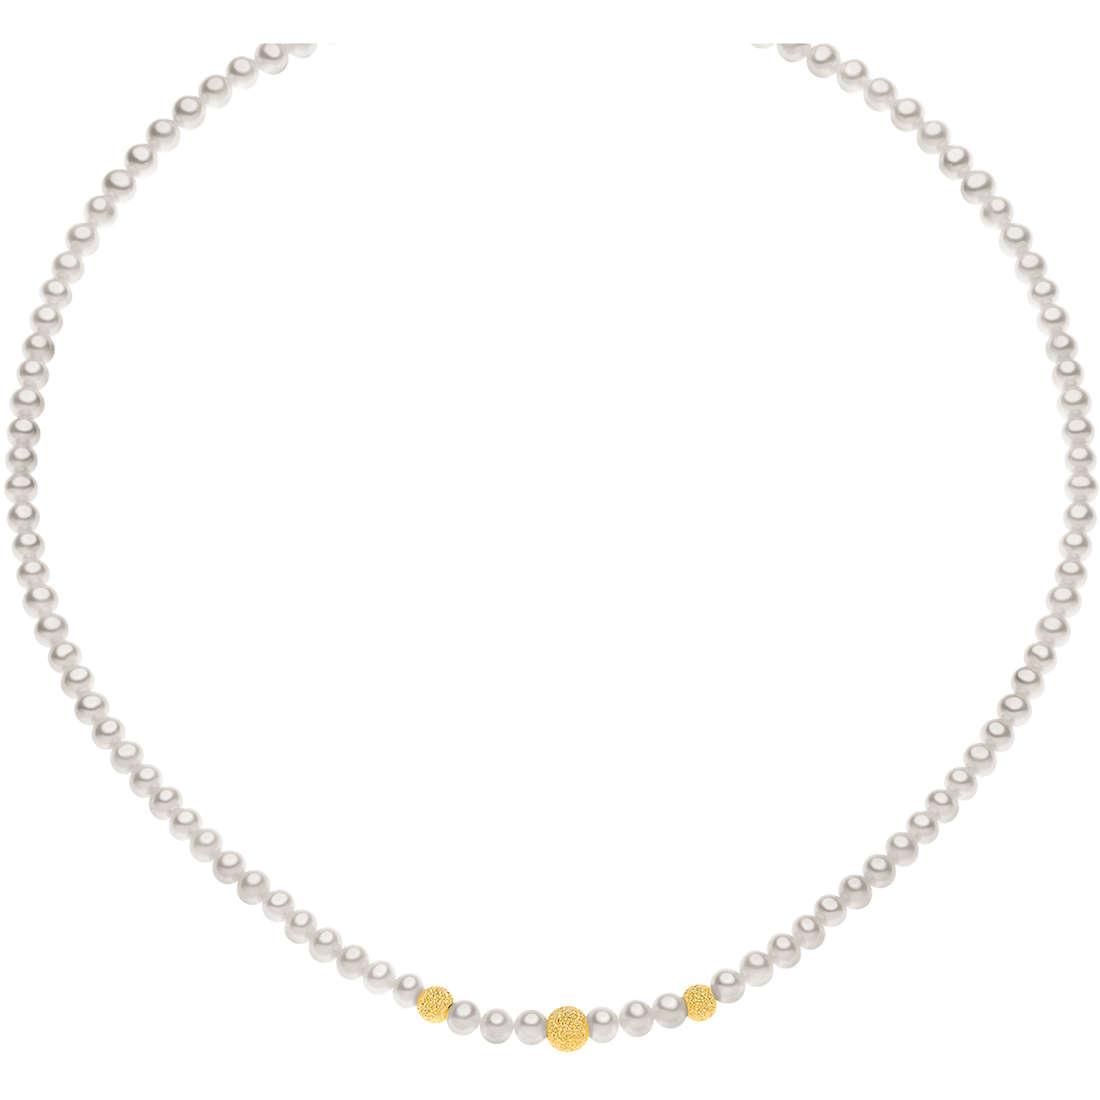 collana donna gioielli Comete Perla FWQ 195 G